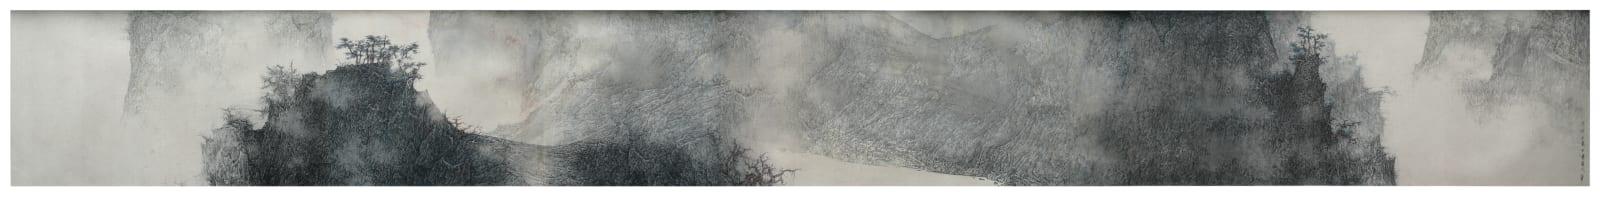 Li Huayi 李華弌, Pine Tree Bathing in Breeze《松風清遠圖》, 2011